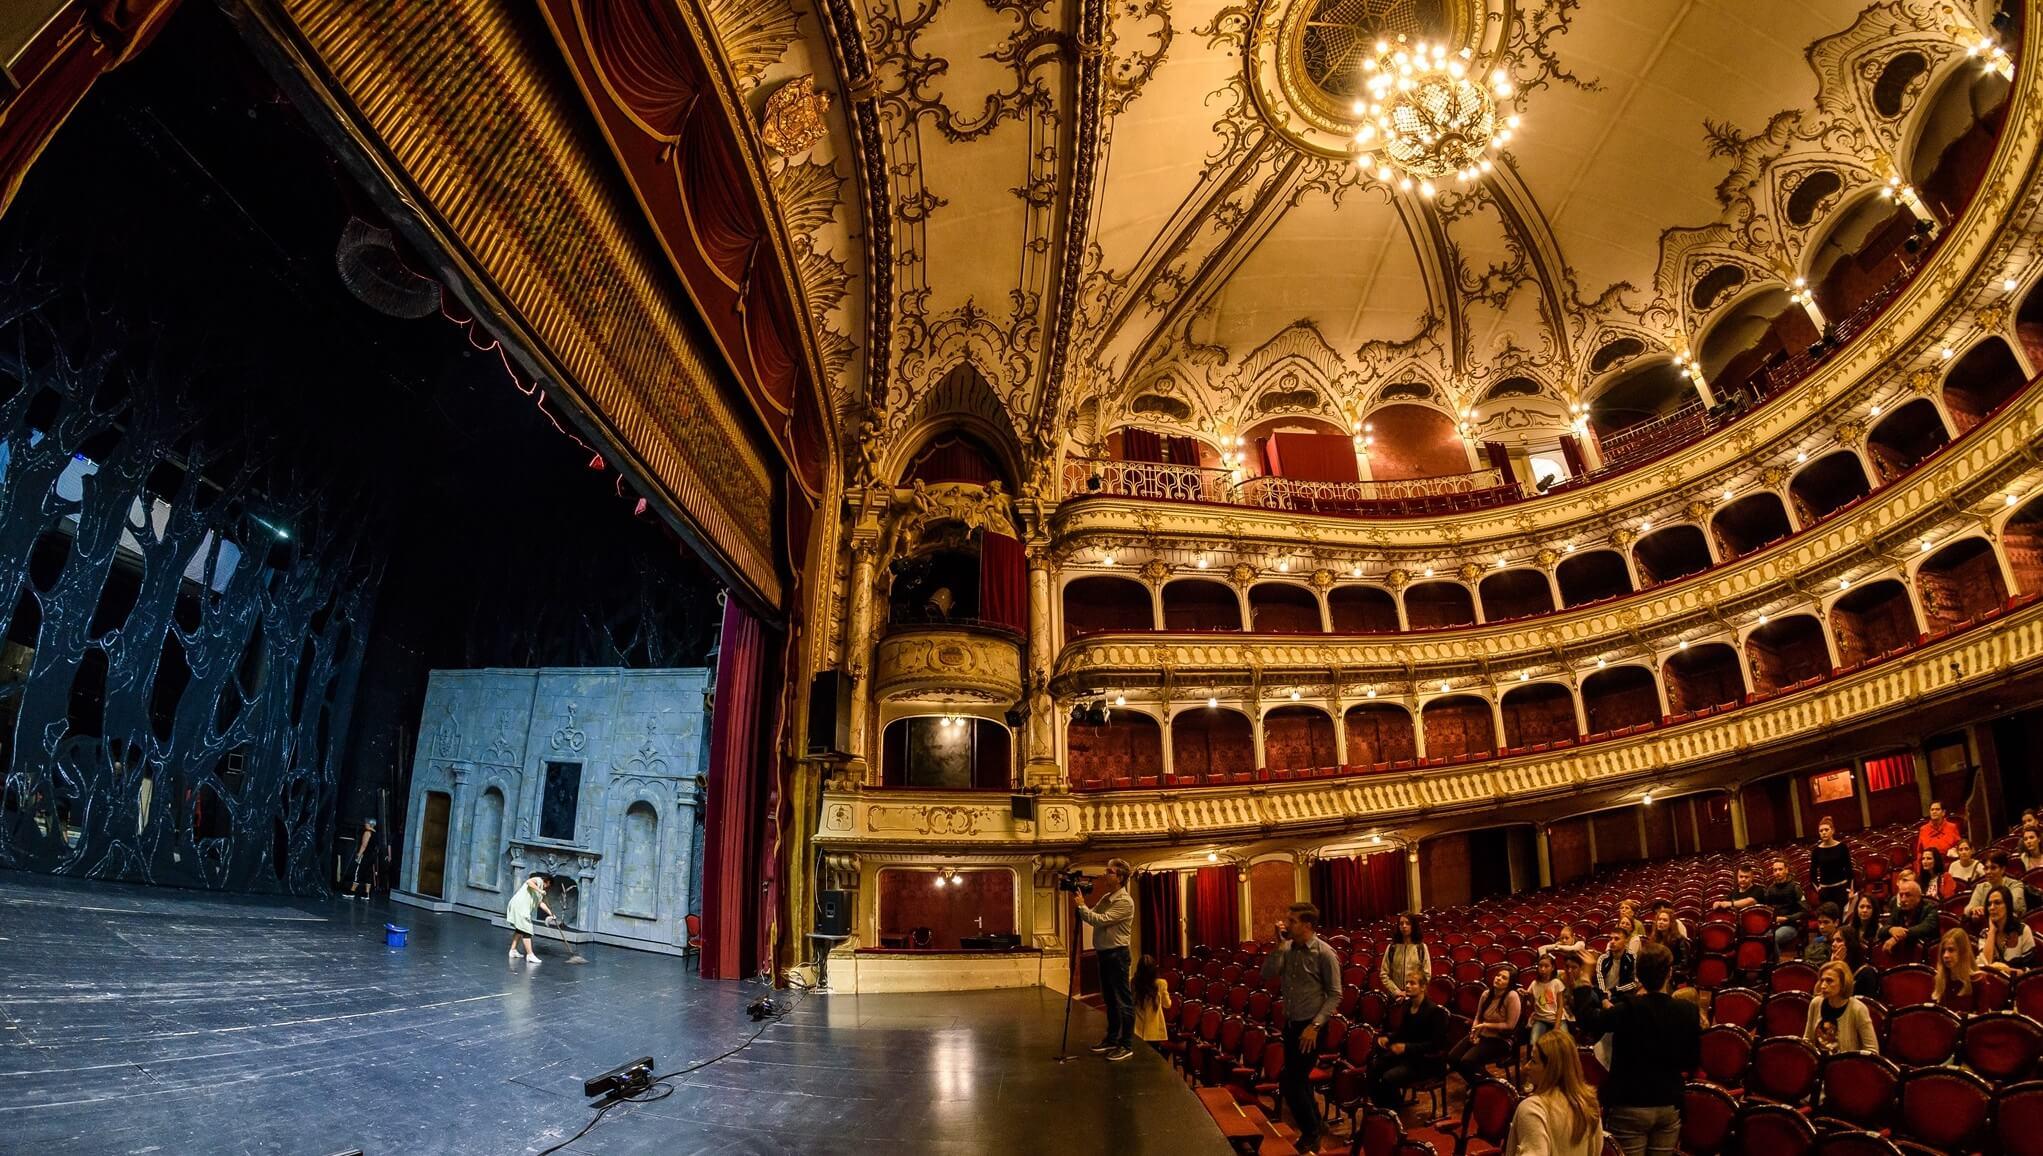 În ziua în care a împlinit 100 de ani de la înființare, Opera și-a deschis larg ușile și  dezvăluit cortina!